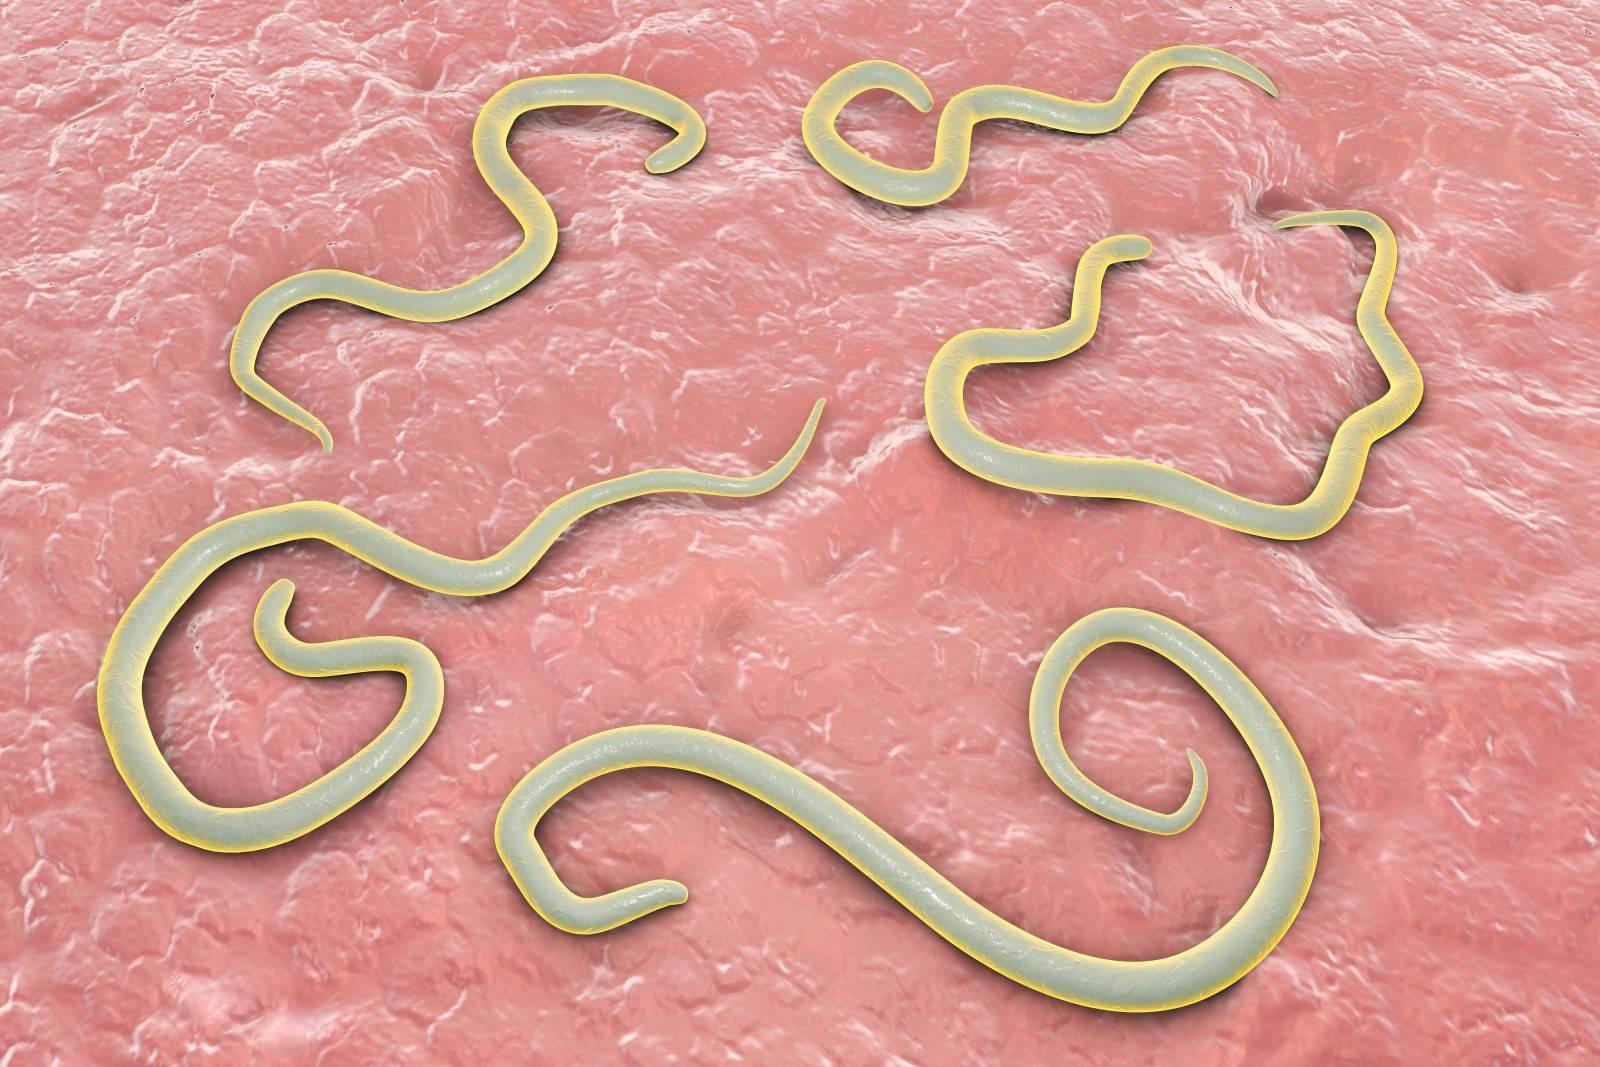 Гельминты (глисты).гельминтозы гепатобилиарной системы и кишечника.